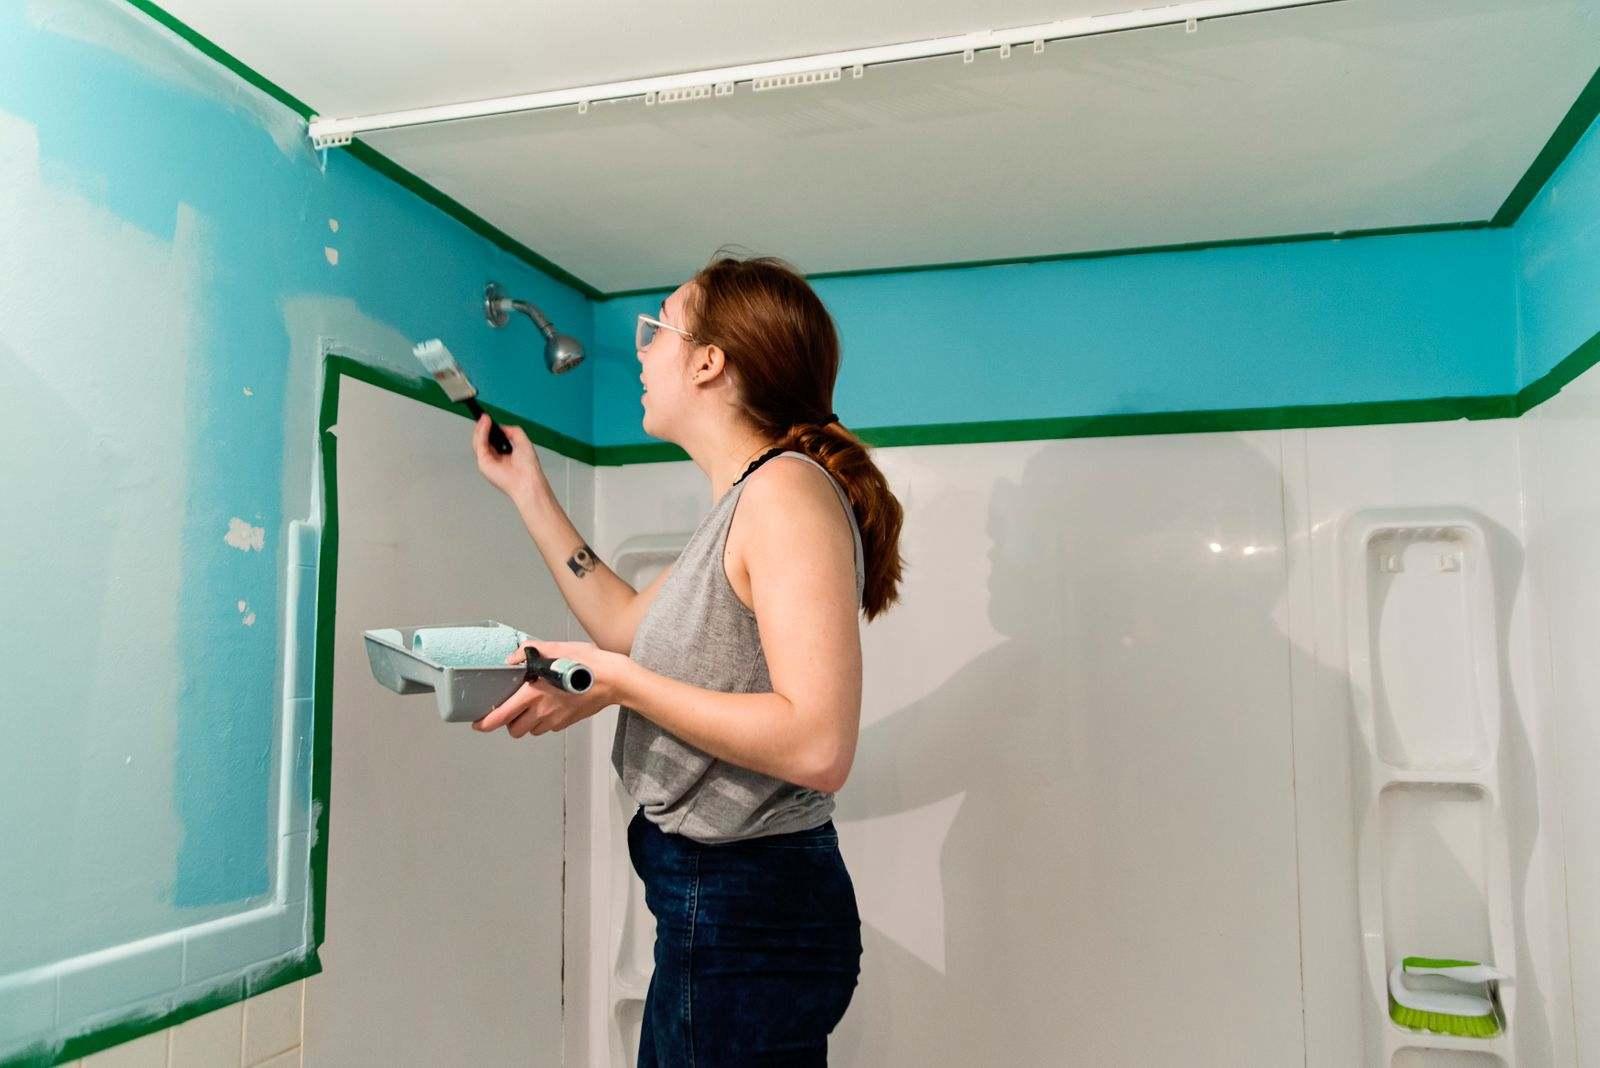 peindre la salle de bain peinture bleue